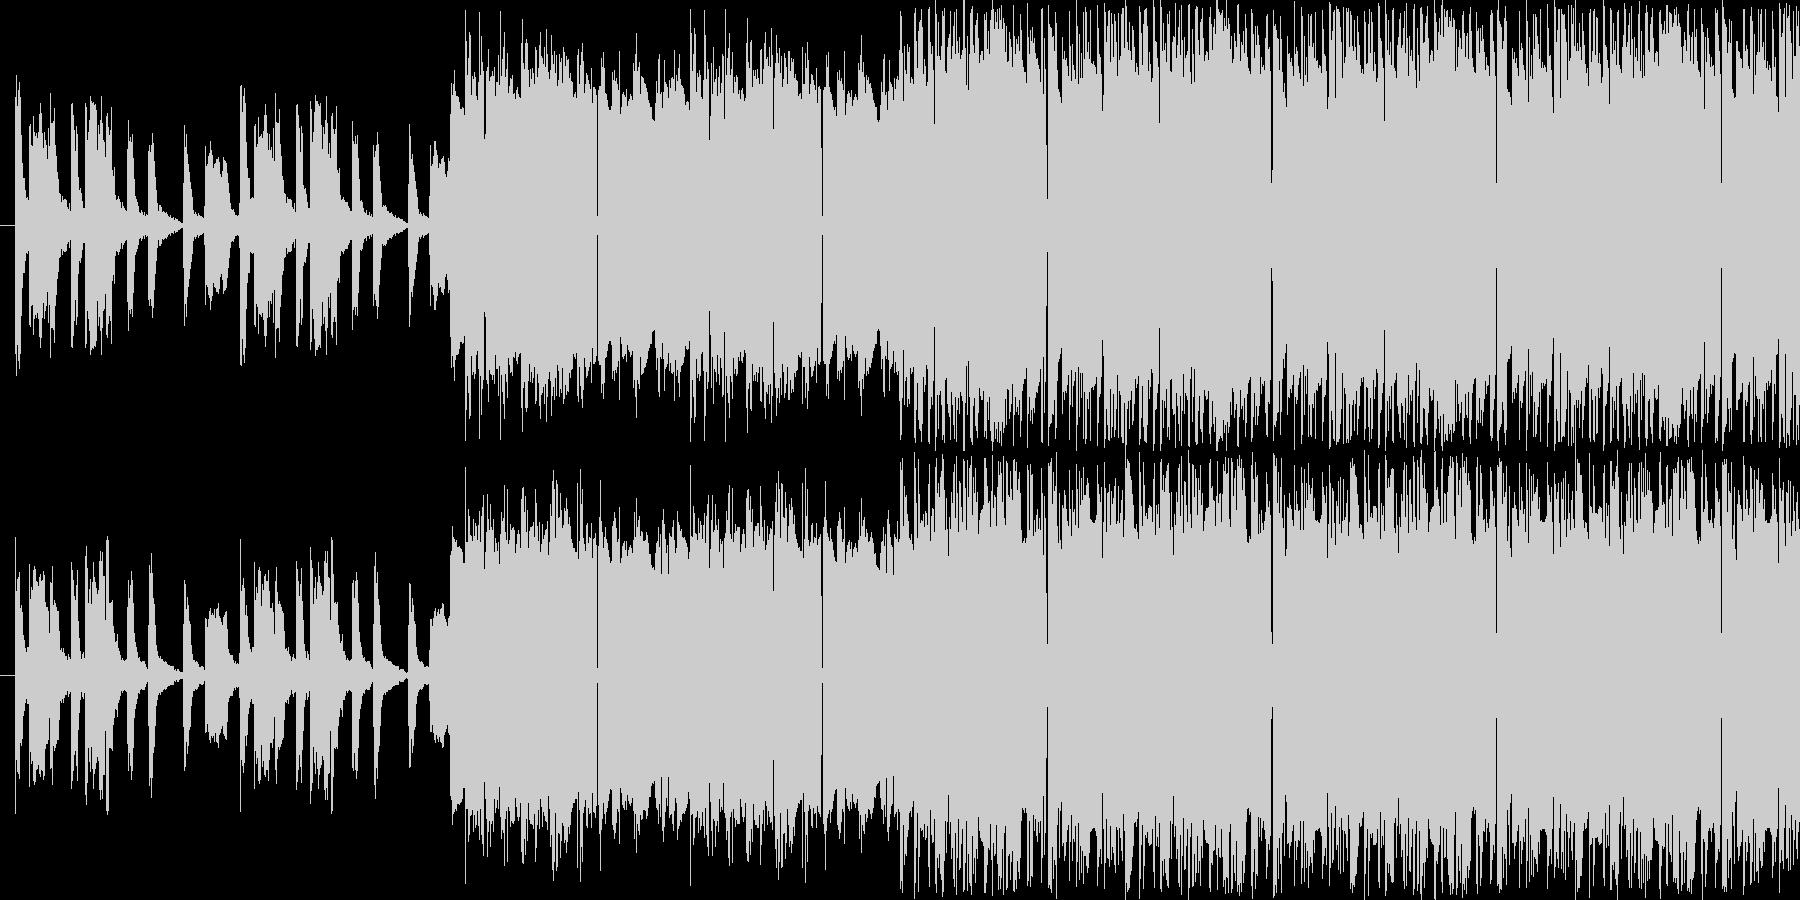 【オーソドックスなシンセポップス】の未再生の波形